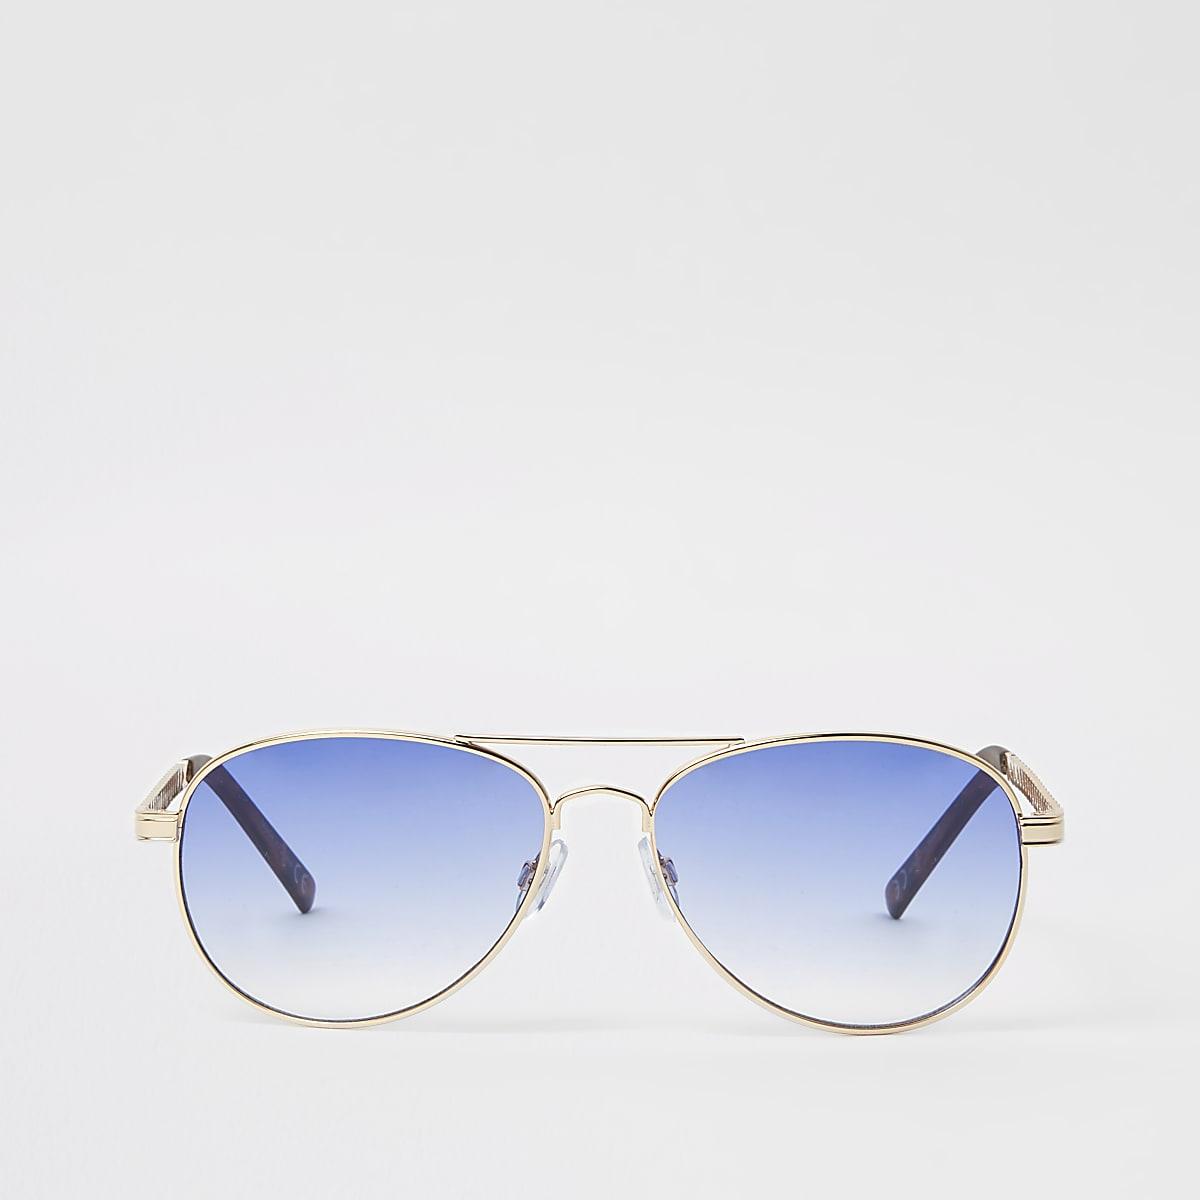 Gold tone light blue lens aviator sunglasses